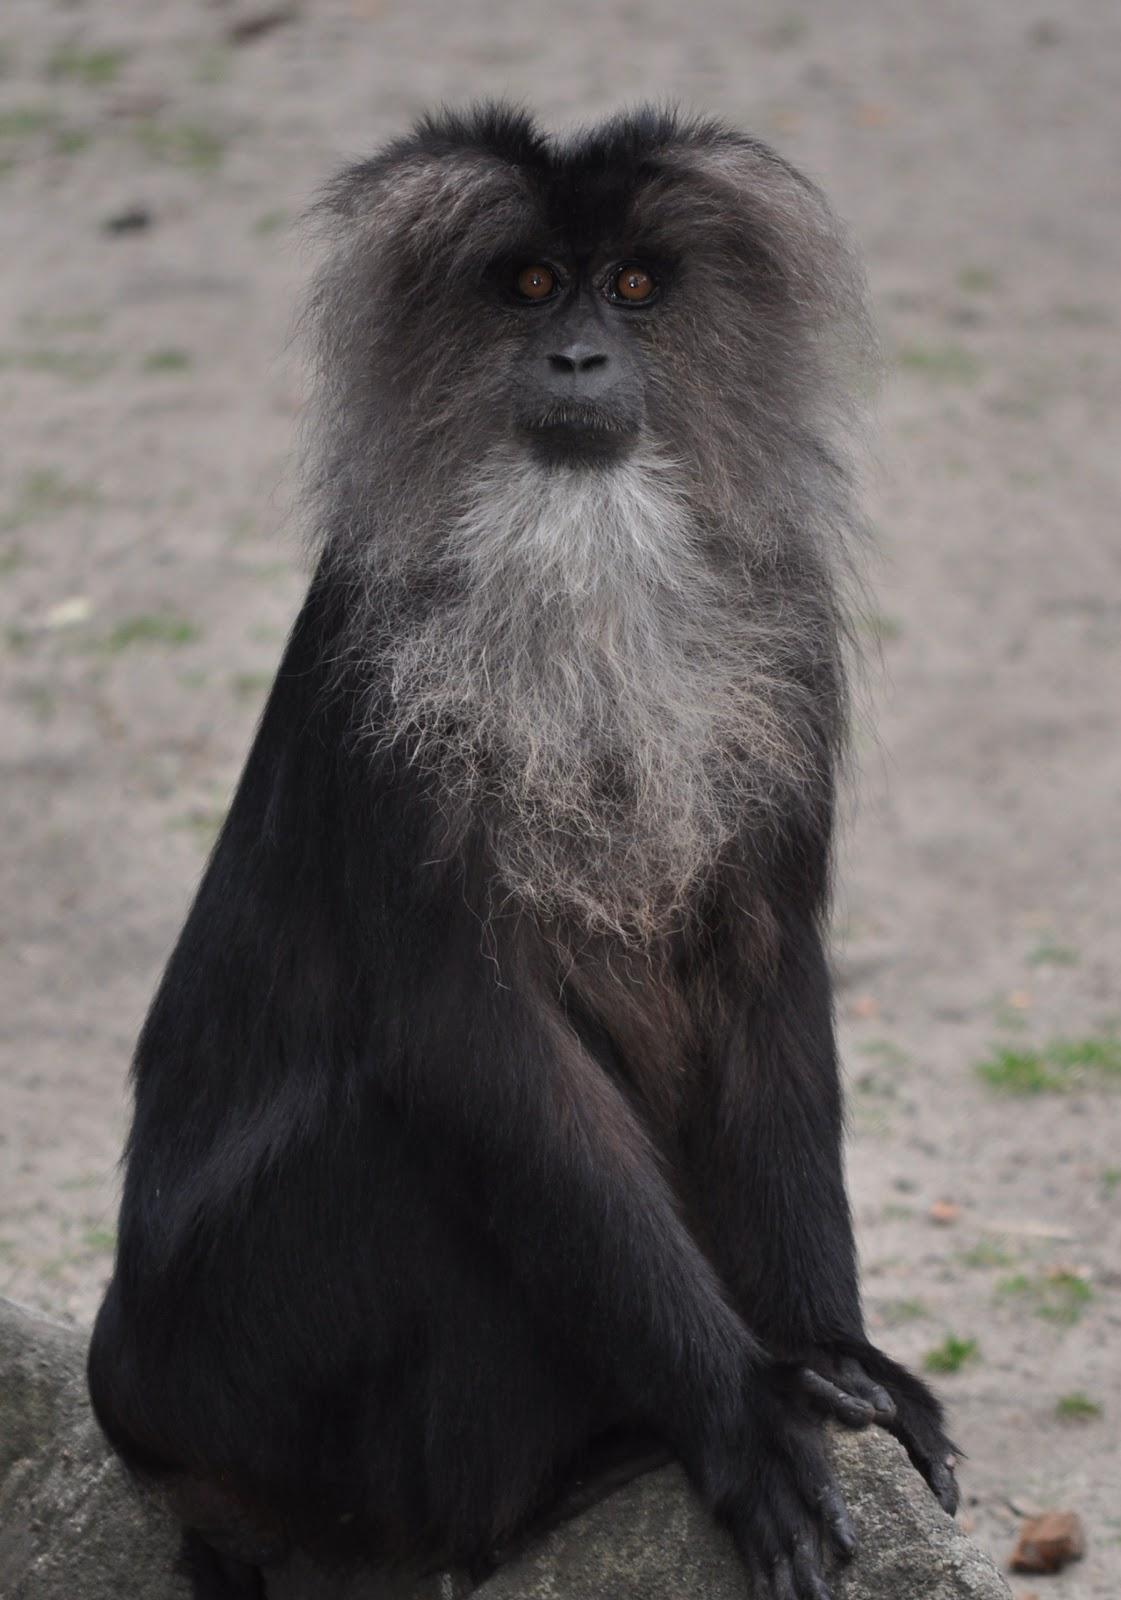 zootografiando mi colecci n de fotos de animales macaco le n macaca silenus. Black Bedroom Furniture Sets. Home Design Ideas